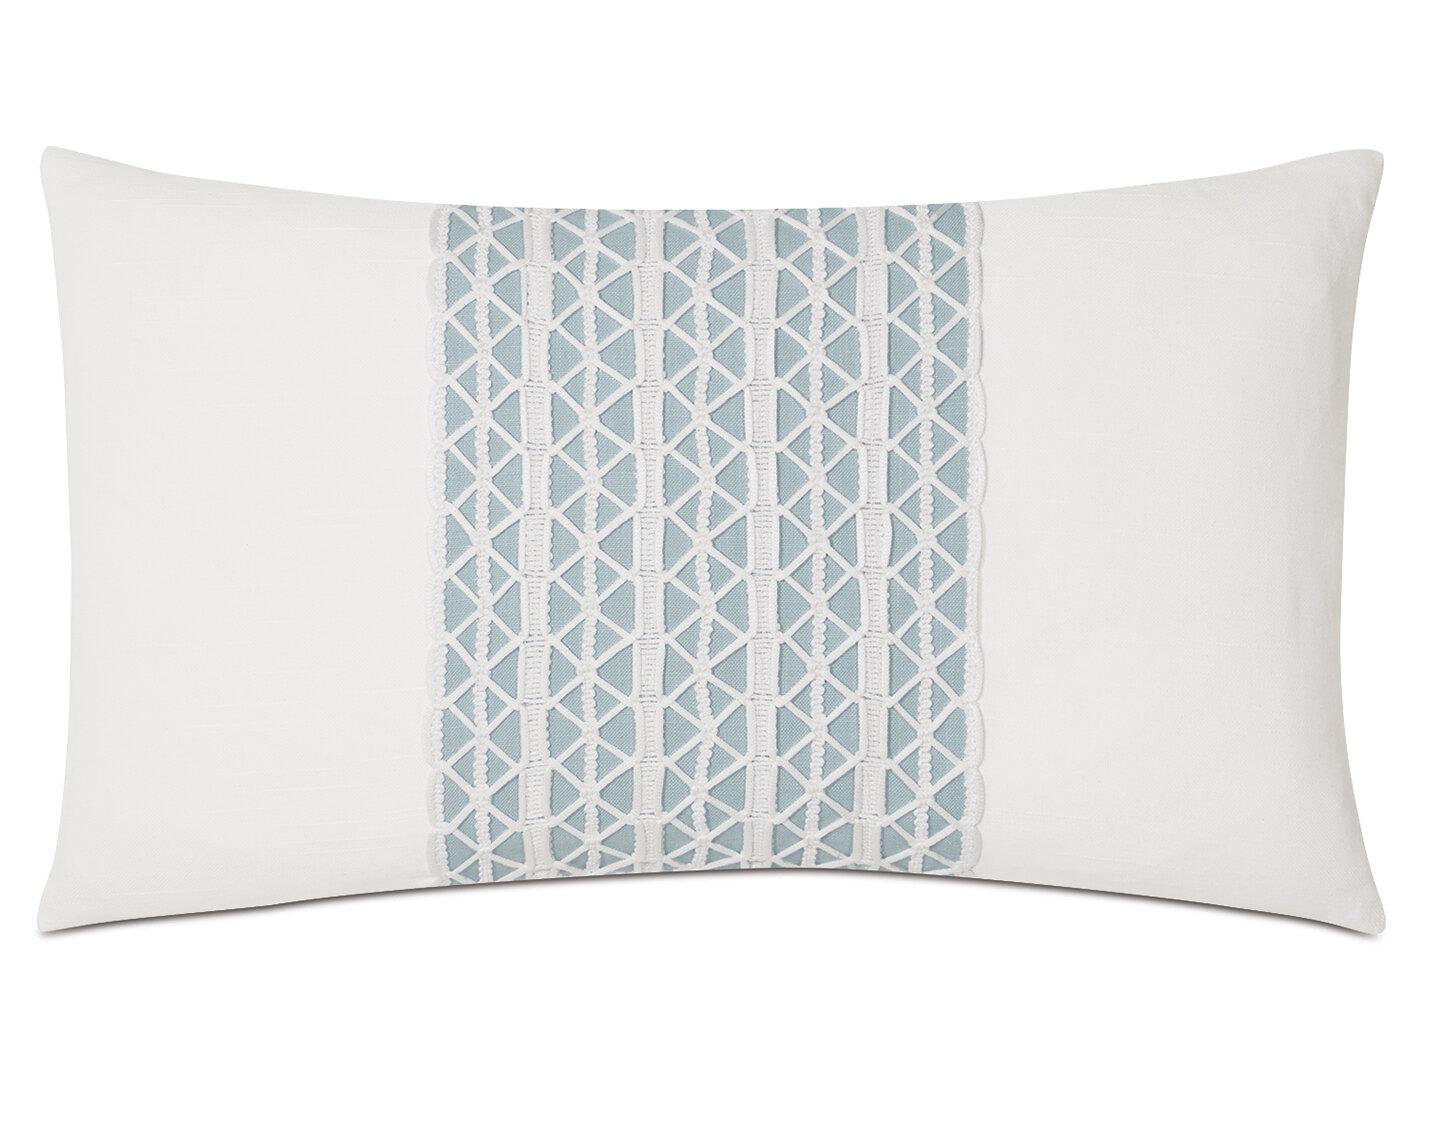 Eastern Accents Maude Lumbar Pillow